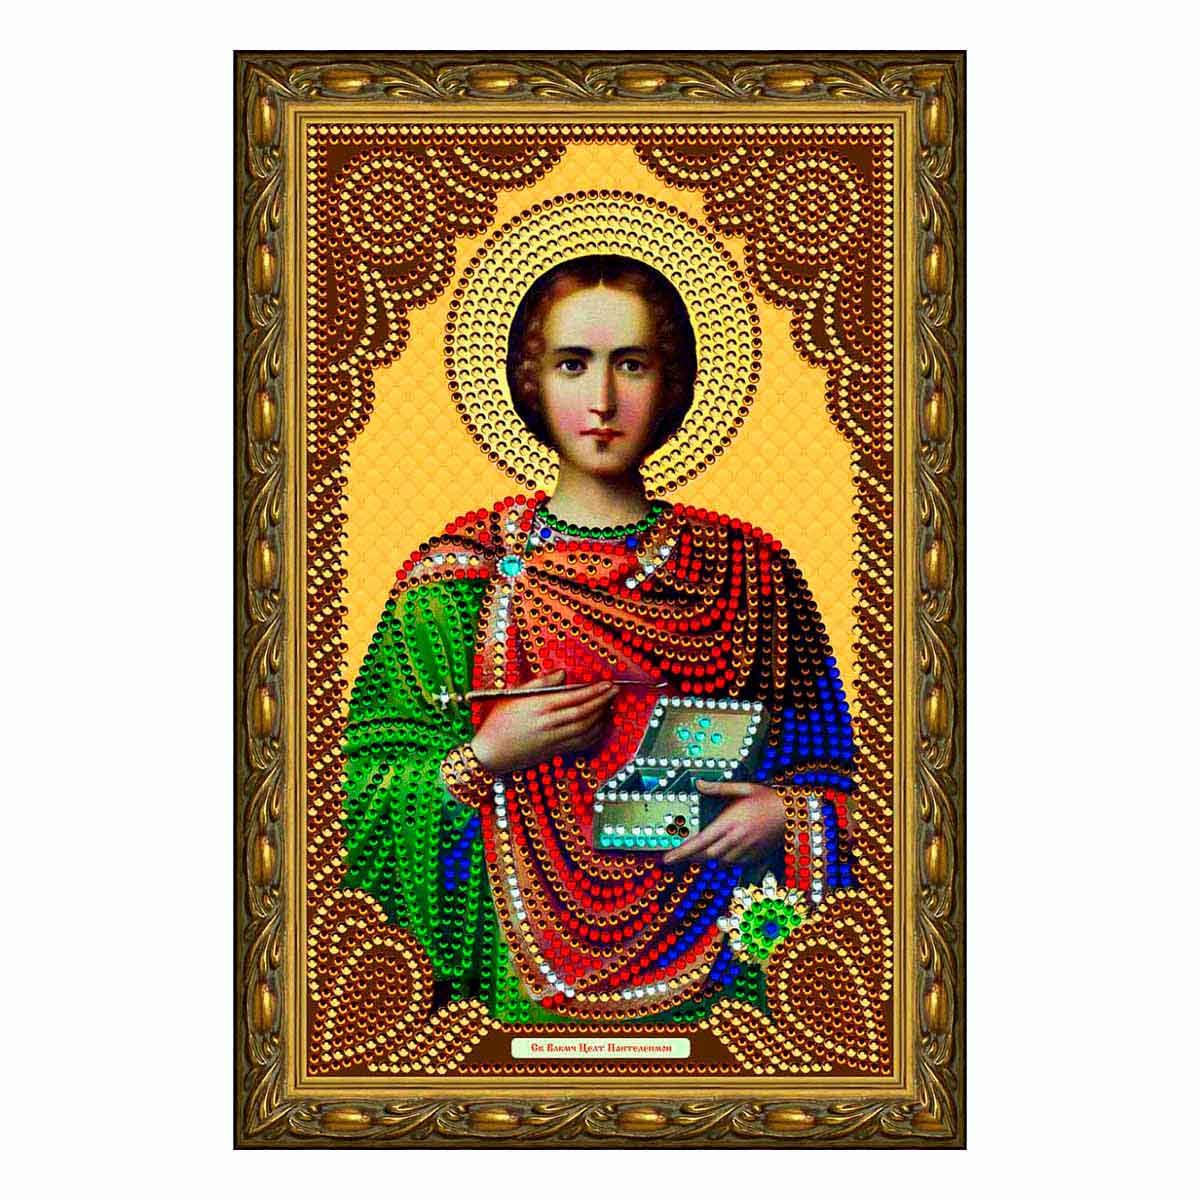 IK012 Картина со стразами Колор Кит 'Святой Великомученик Целитель Пантелеймон' 20*30см